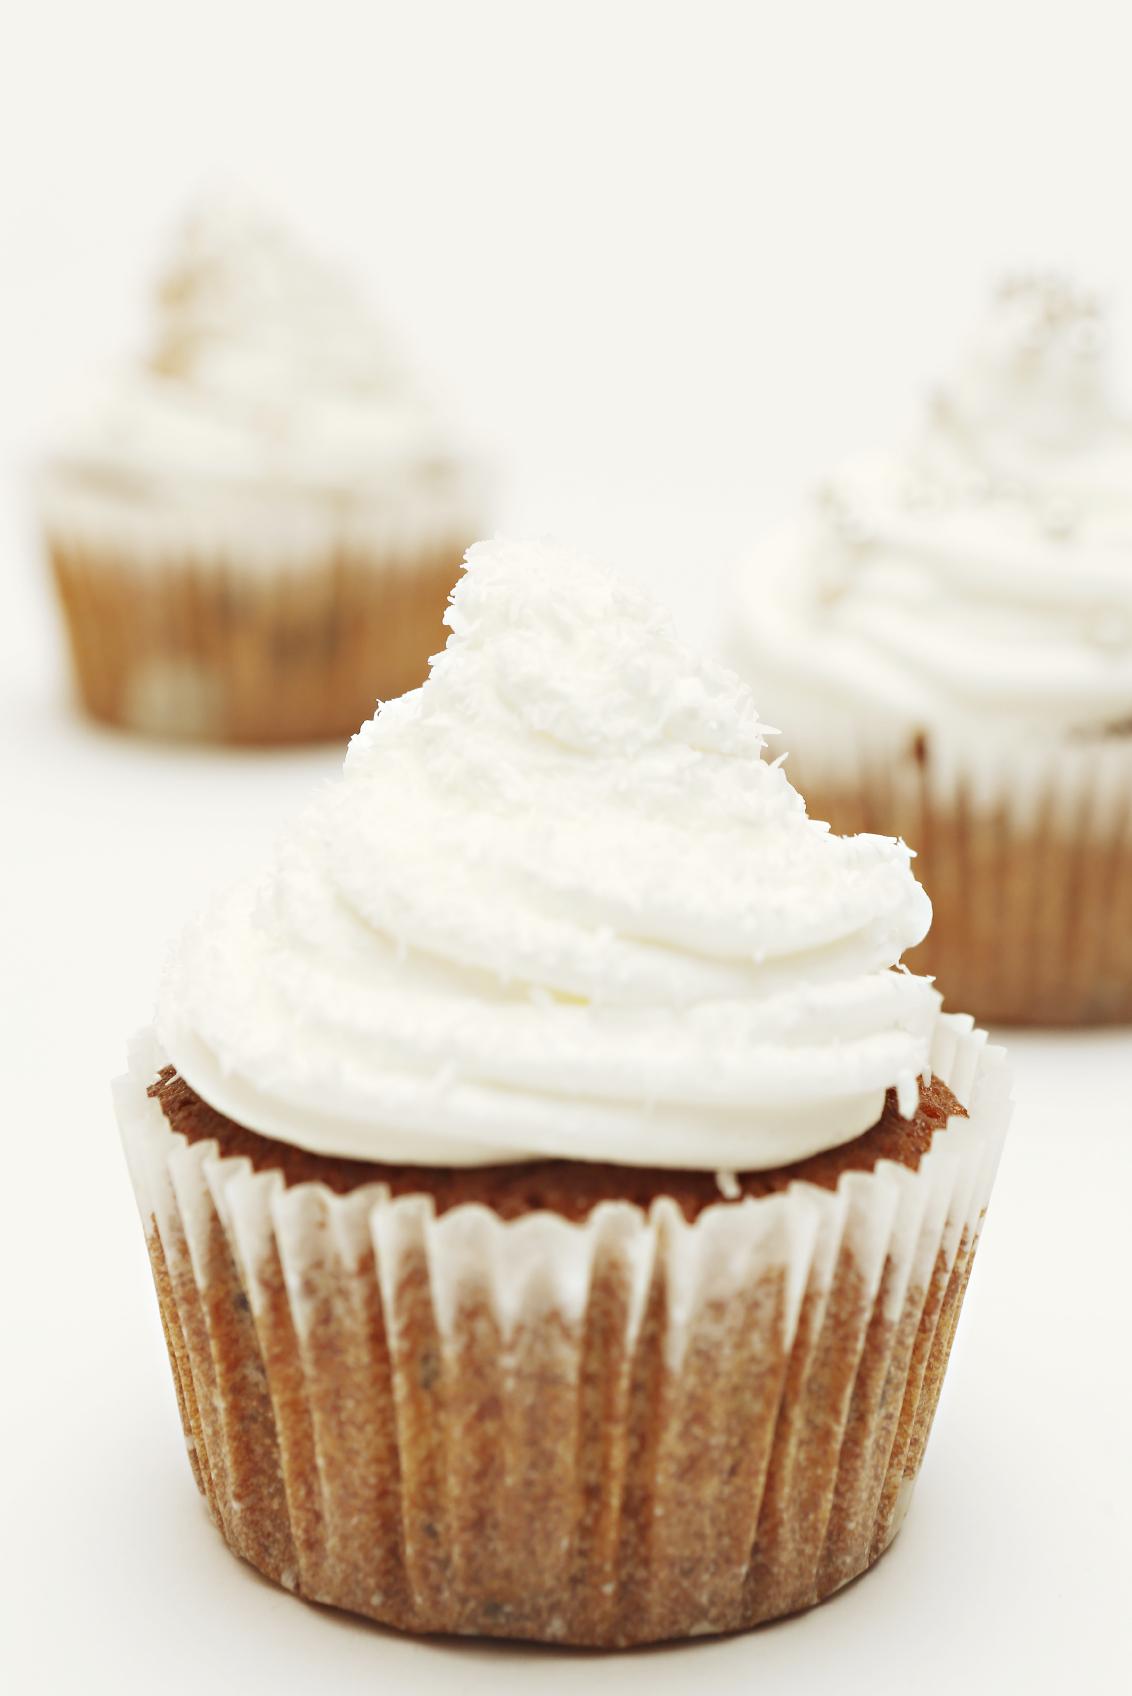 Muffins con cobertura de queso crema